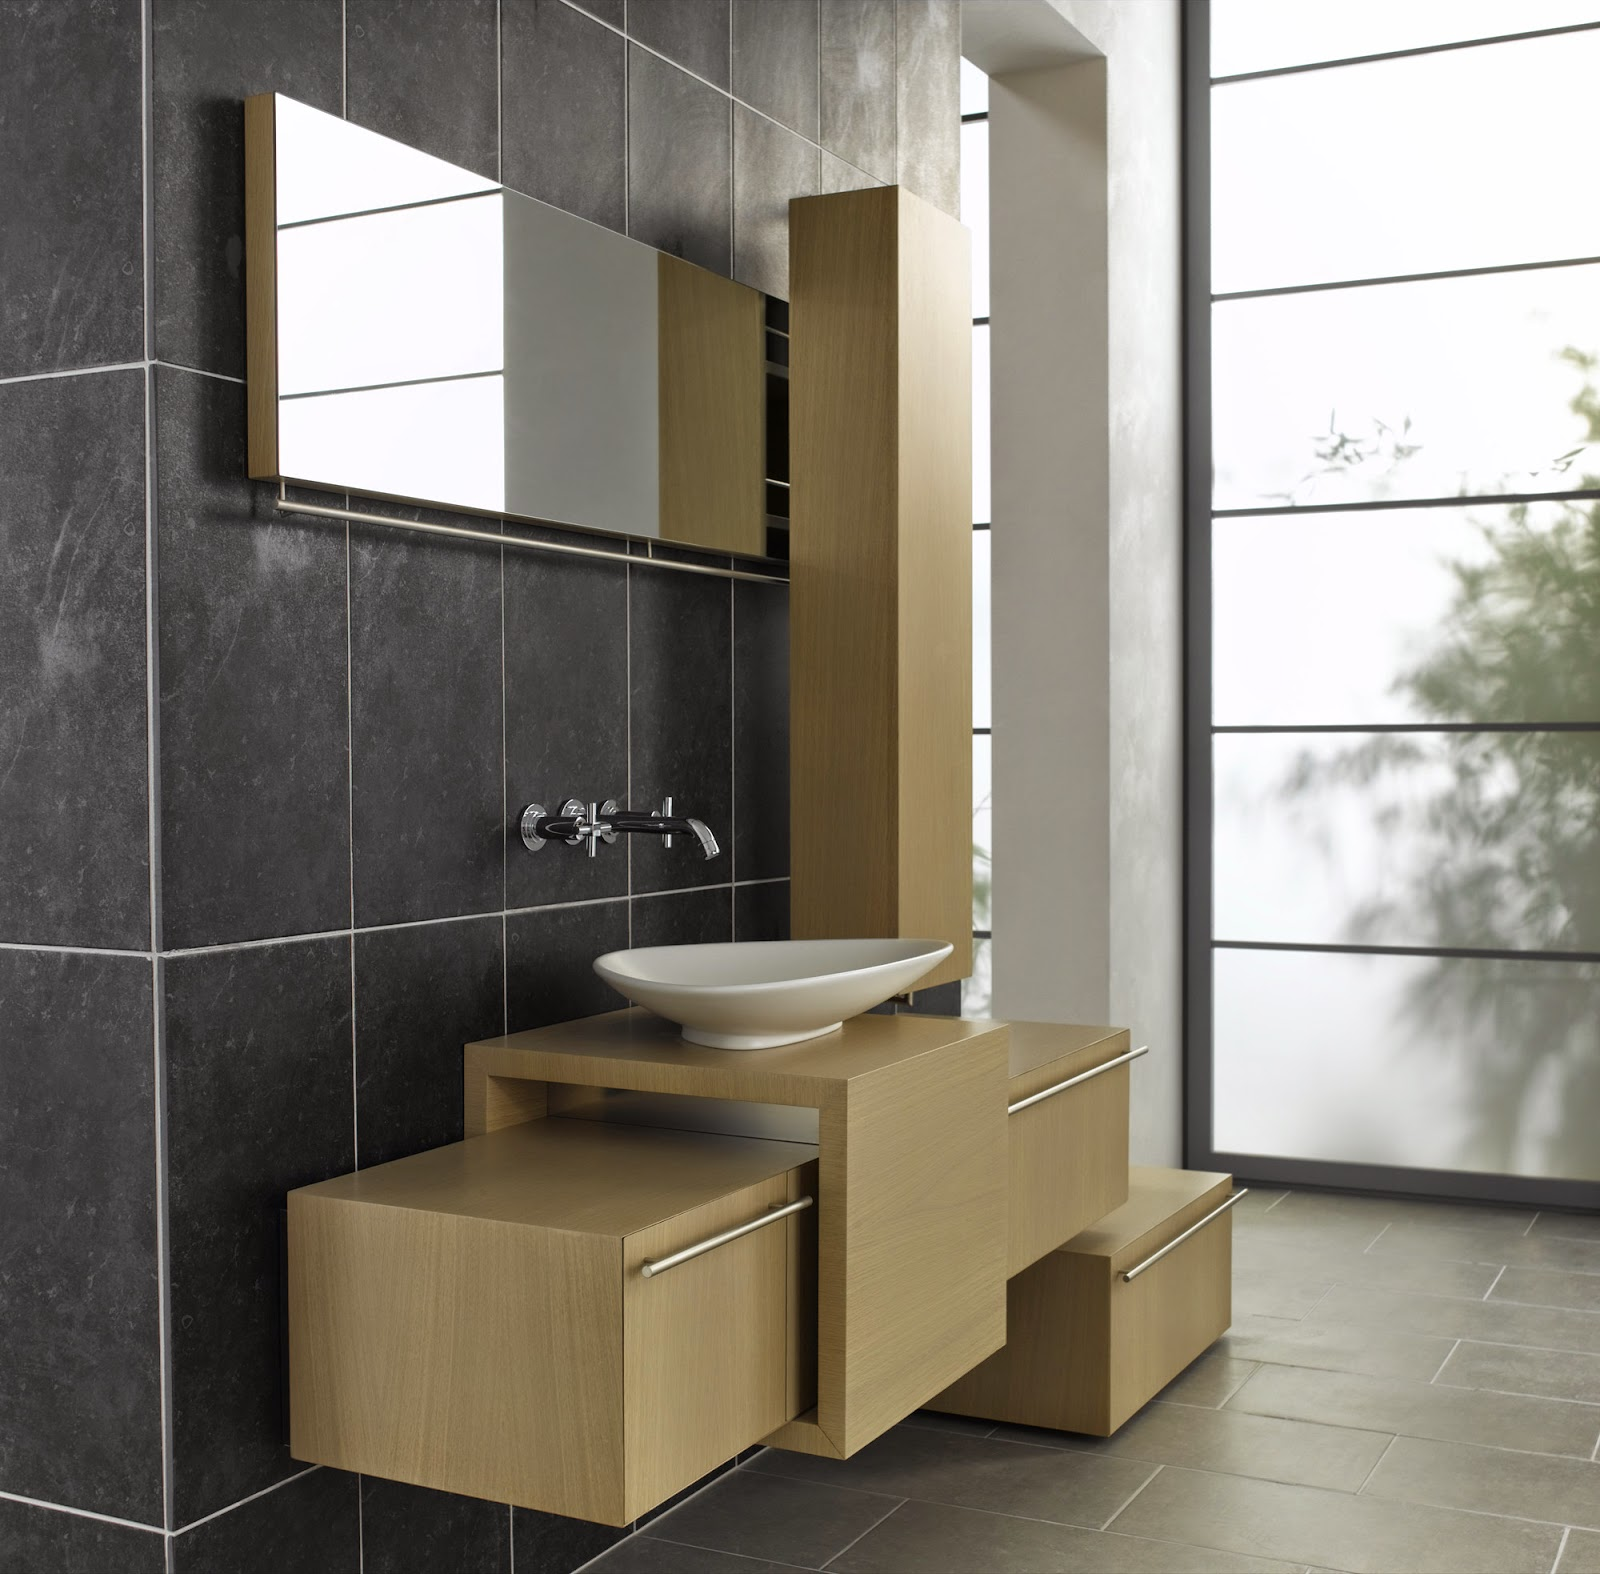 Decoracion de baños - Diseños y accesorio